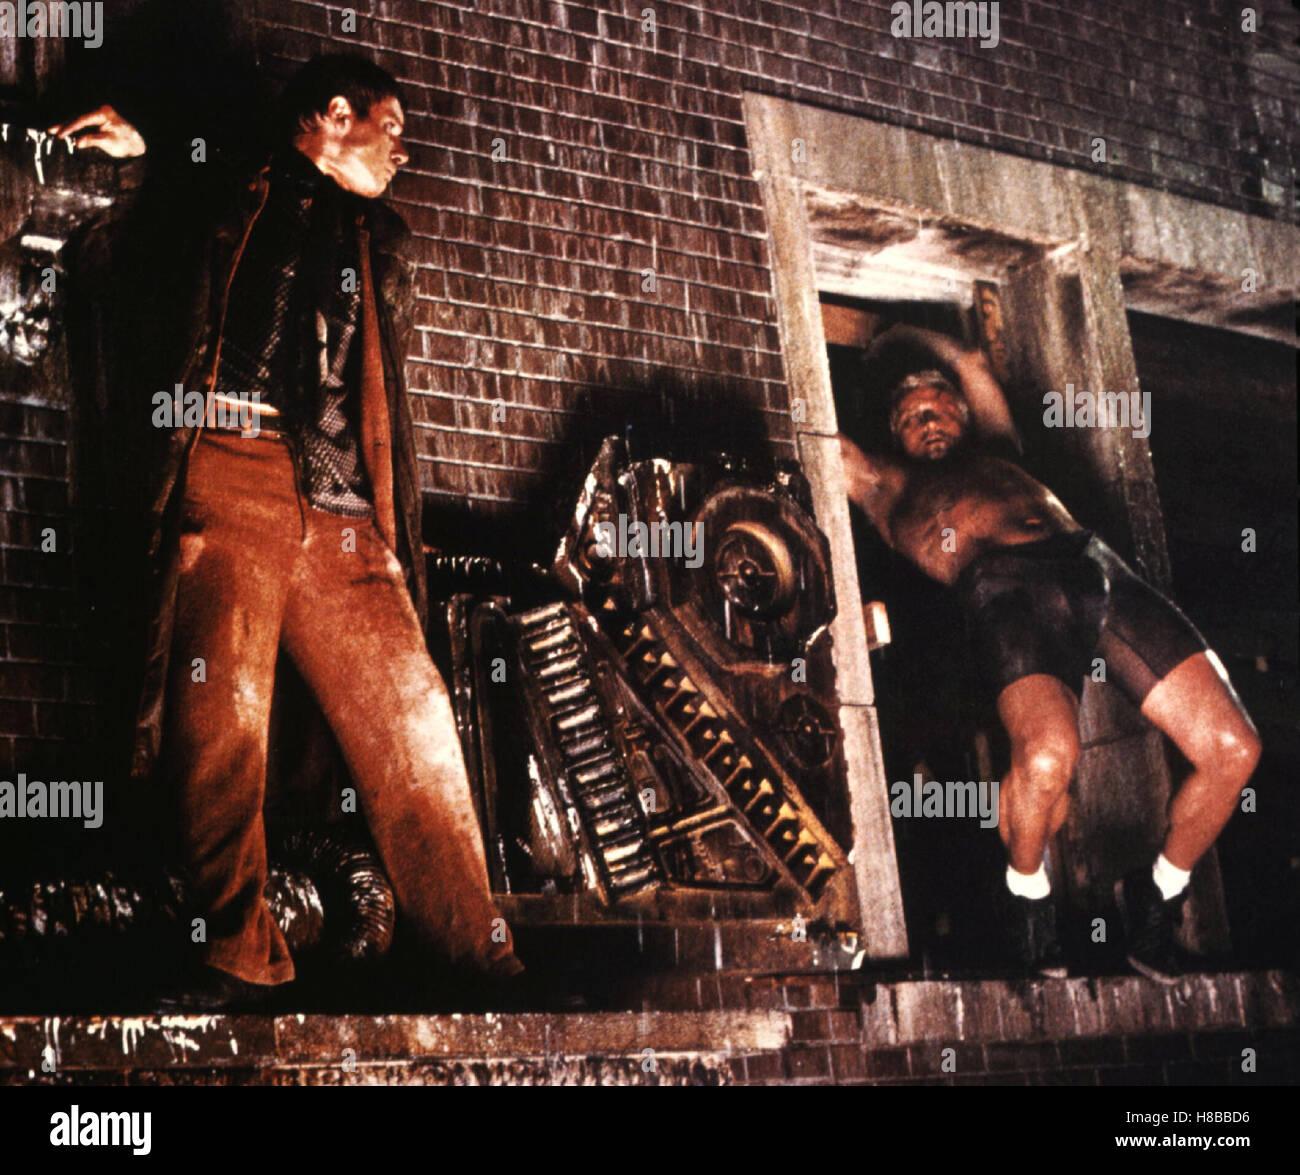 Blade Runner, (BLADE RUNNER) USA 1982, Regie: Ridley Scott, HARRISON FORD, RUTGER HAUER, Key: Kampf, Gefecht - Stock Image